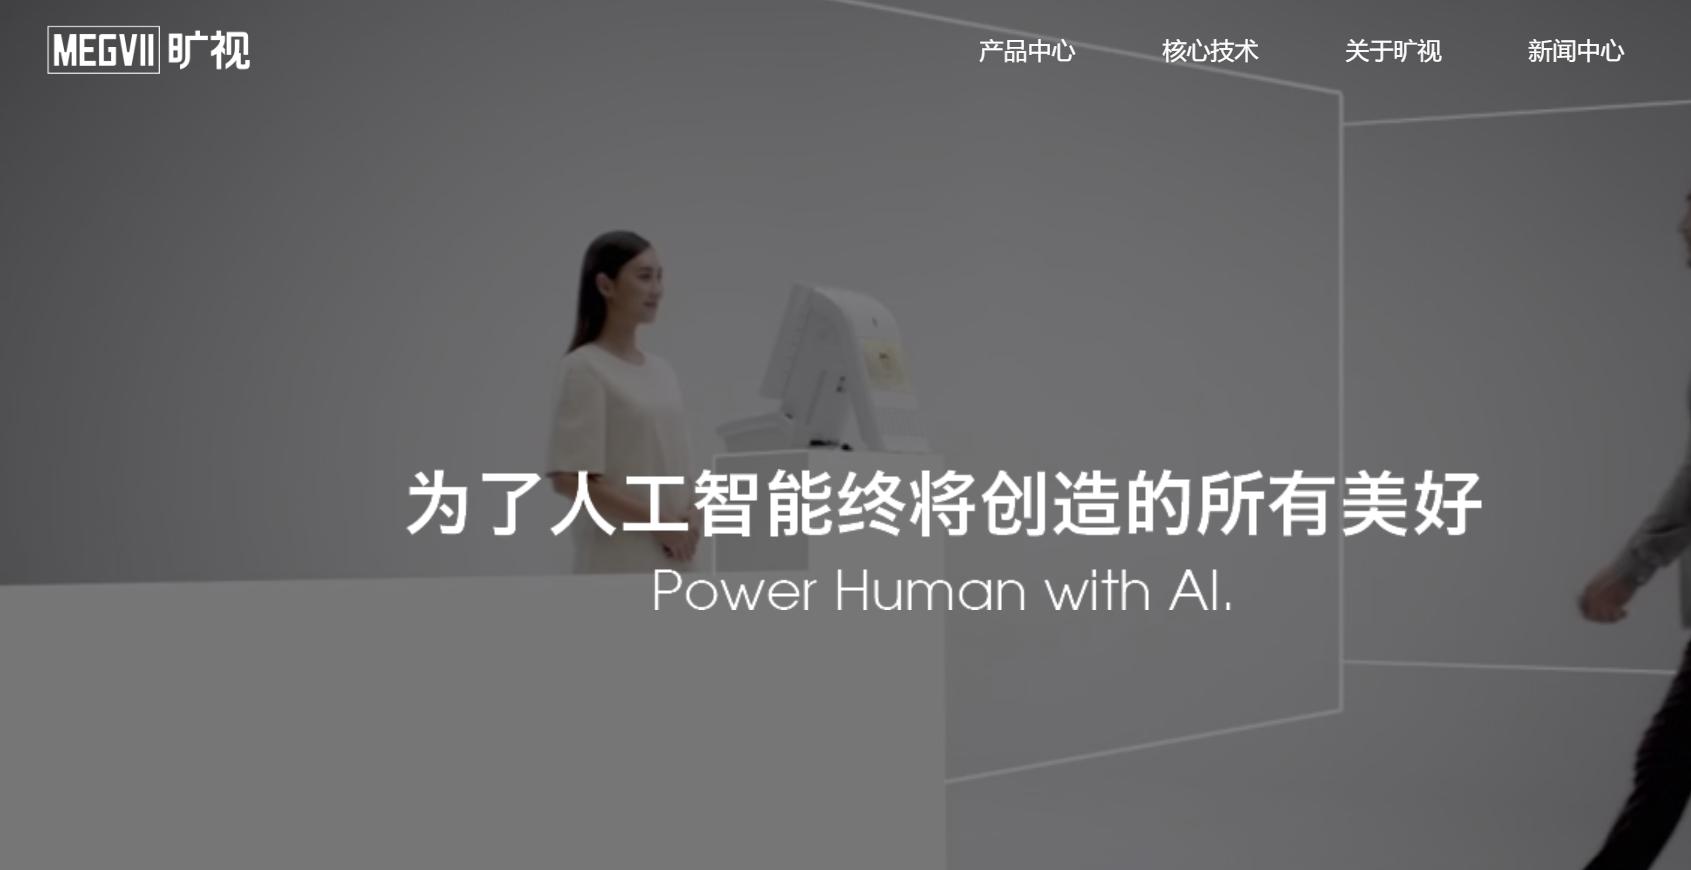 旷视递交赴港上市招股书,CEO印奇:人工智能创新是一场无限游戏